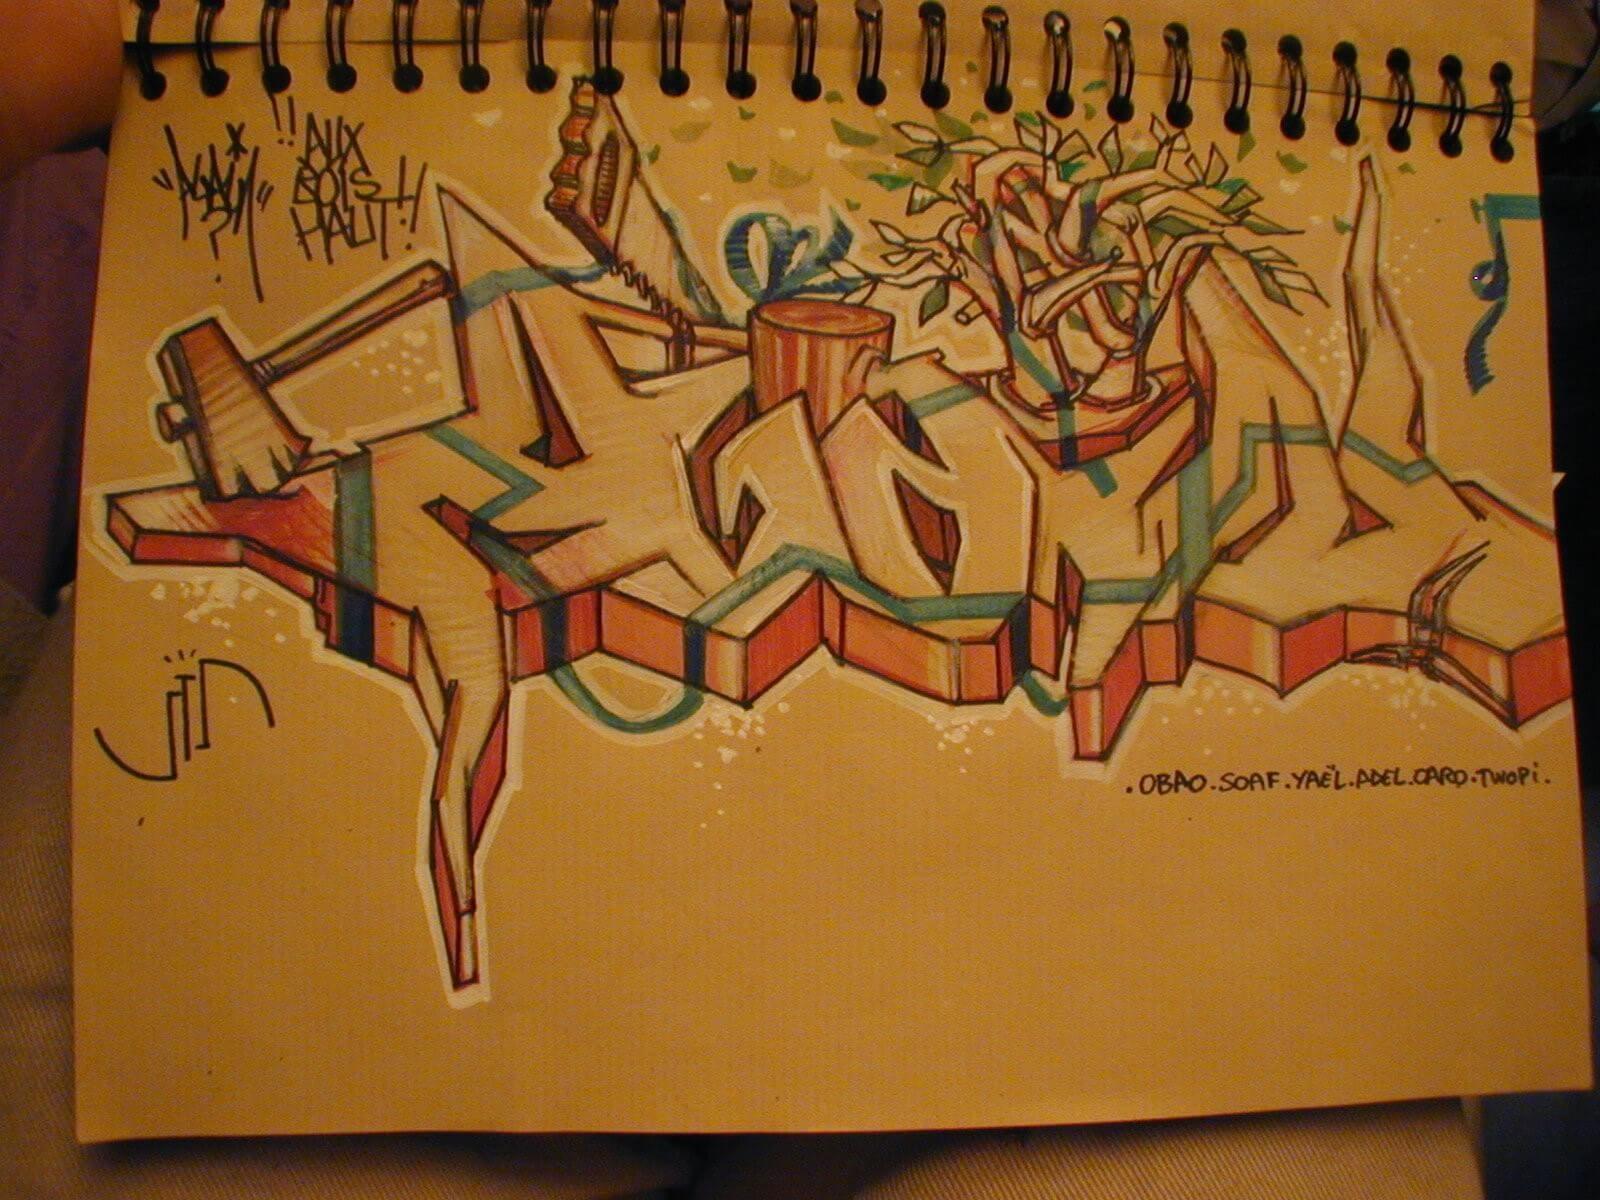 zeb_dscn0117